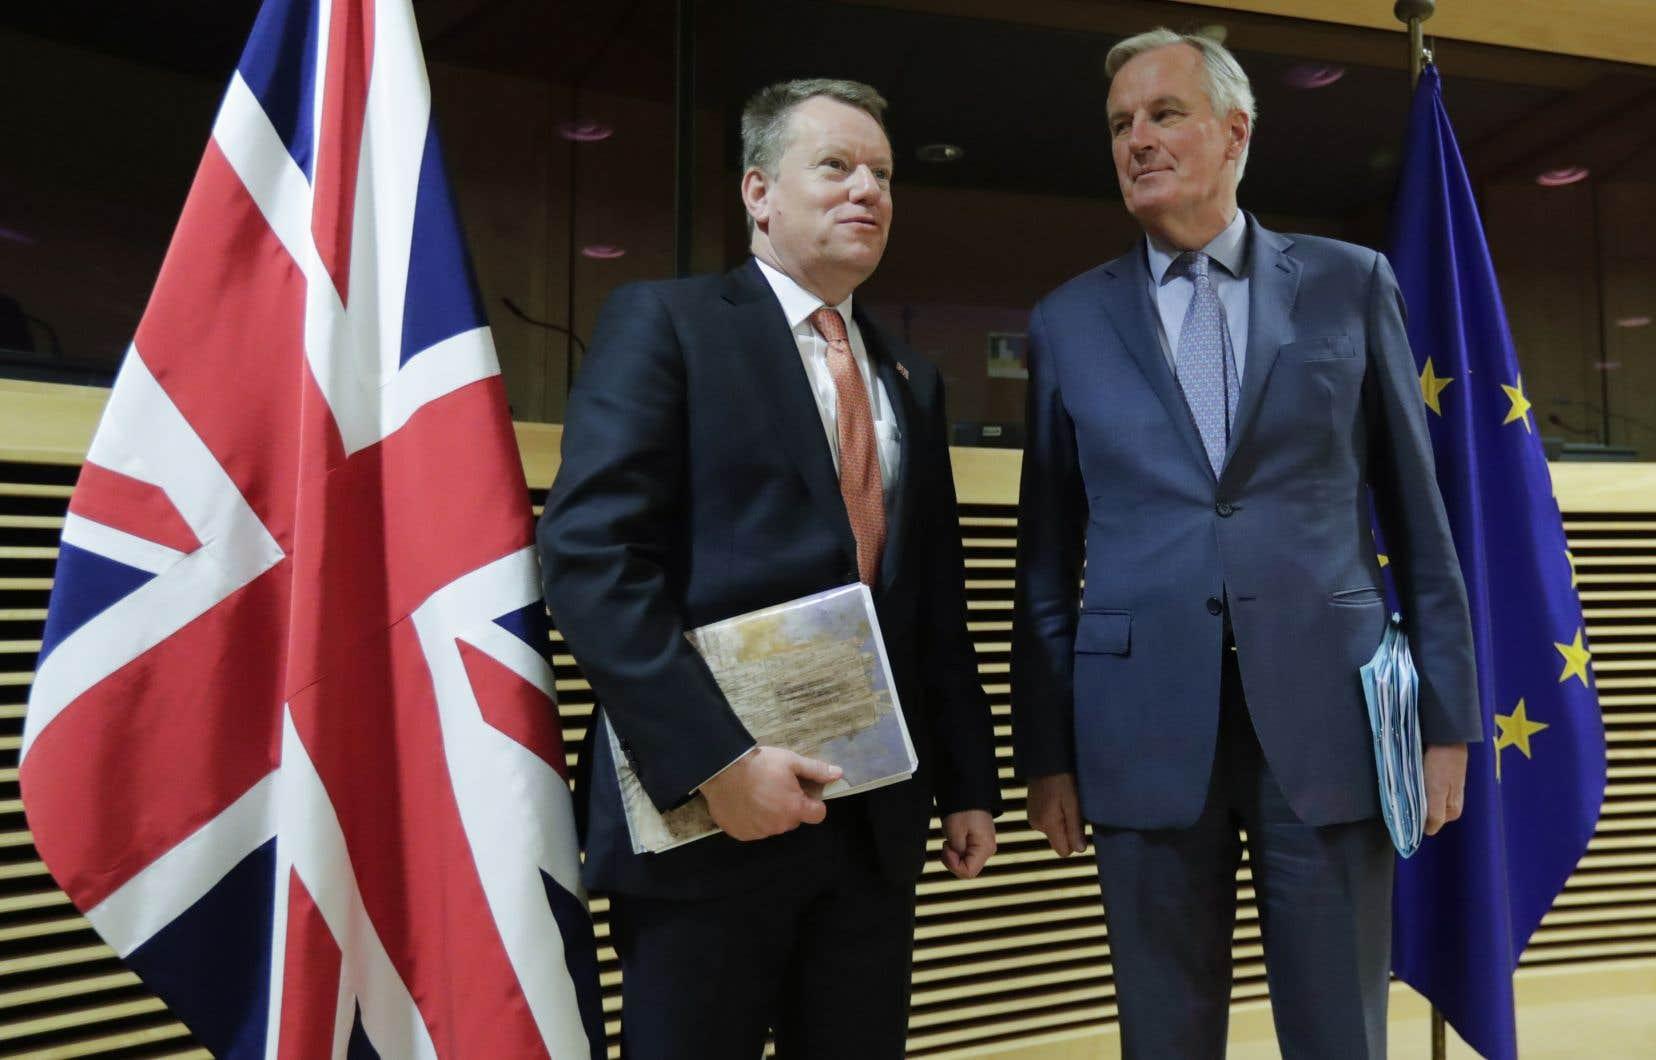 Le négociateur en chef de l'UE, Michel Barnier (à droite), et son homologue britannique, David Frost, se sont rencontrés pendant une heure, donnant officiellement le coup d'envoi de ces discussions.<br />